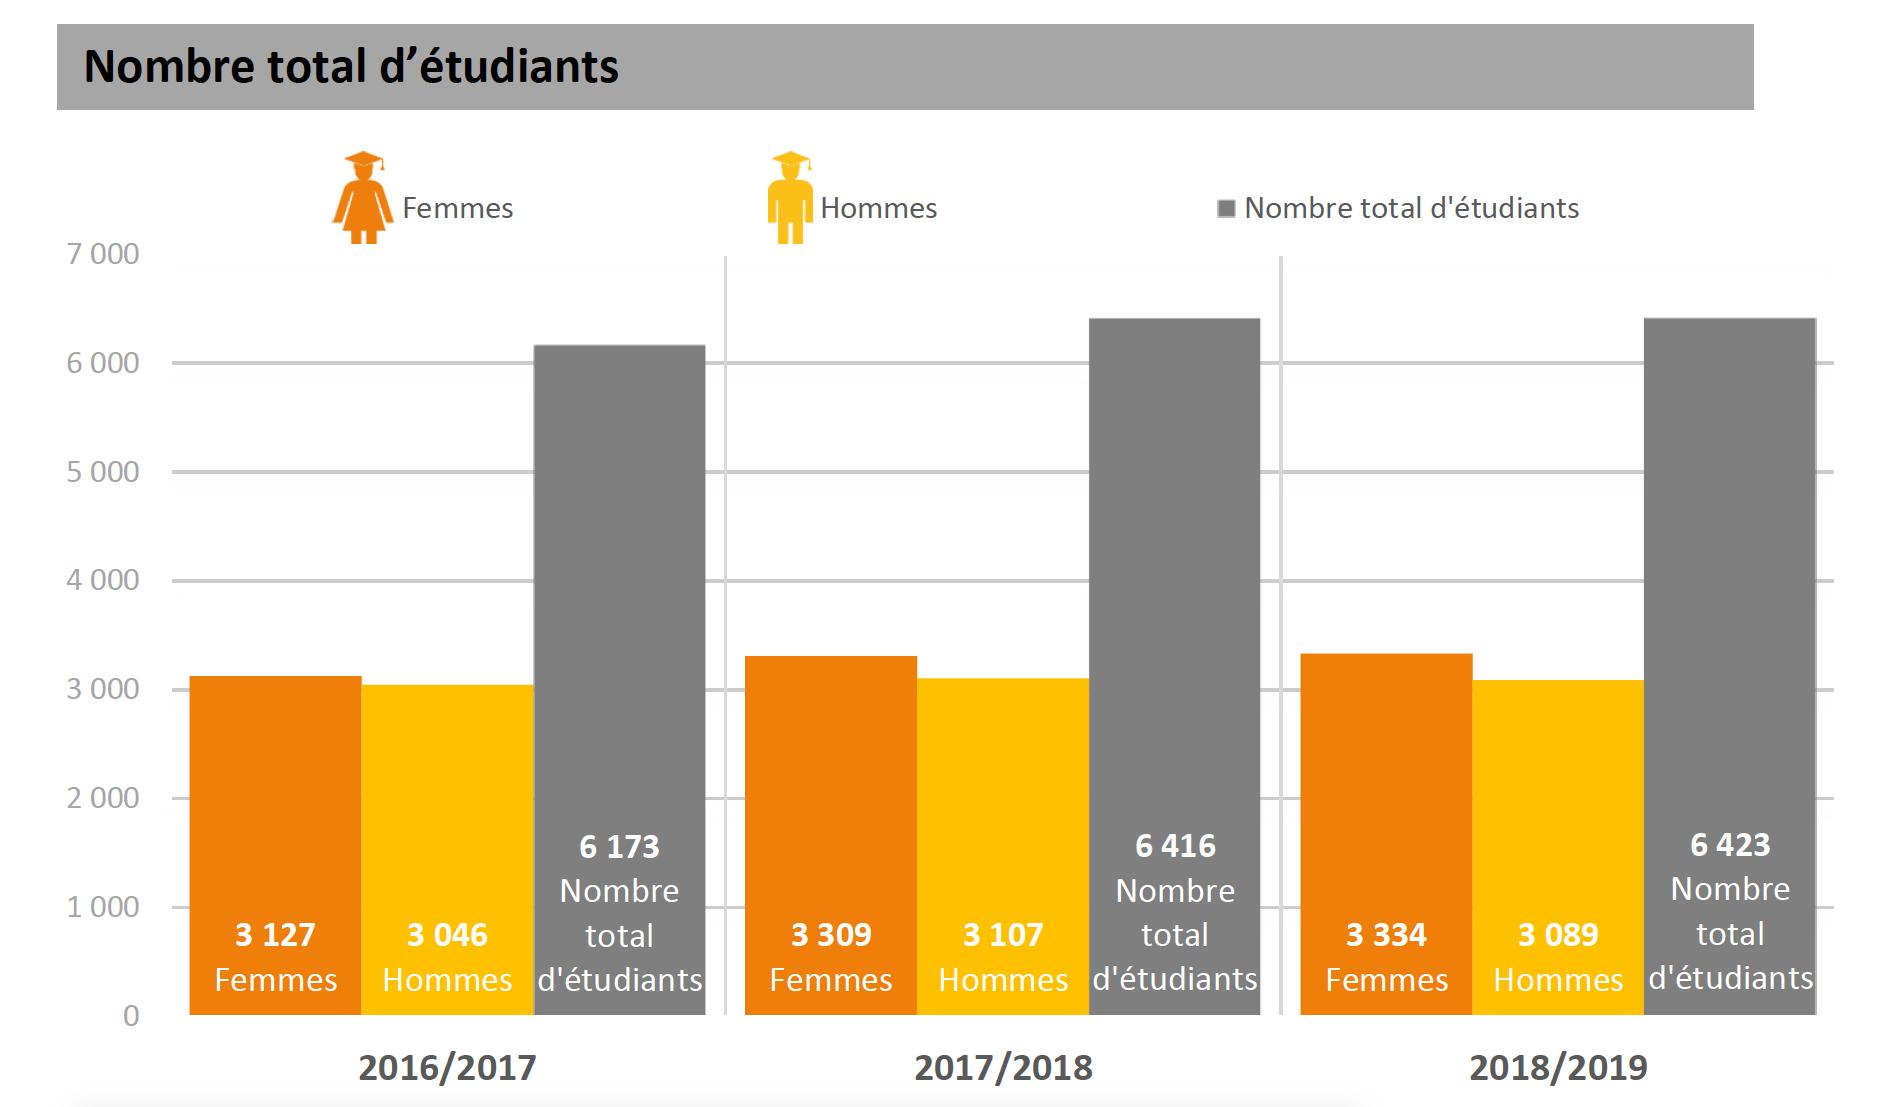 Nombre d'étudiants au Luxembourg